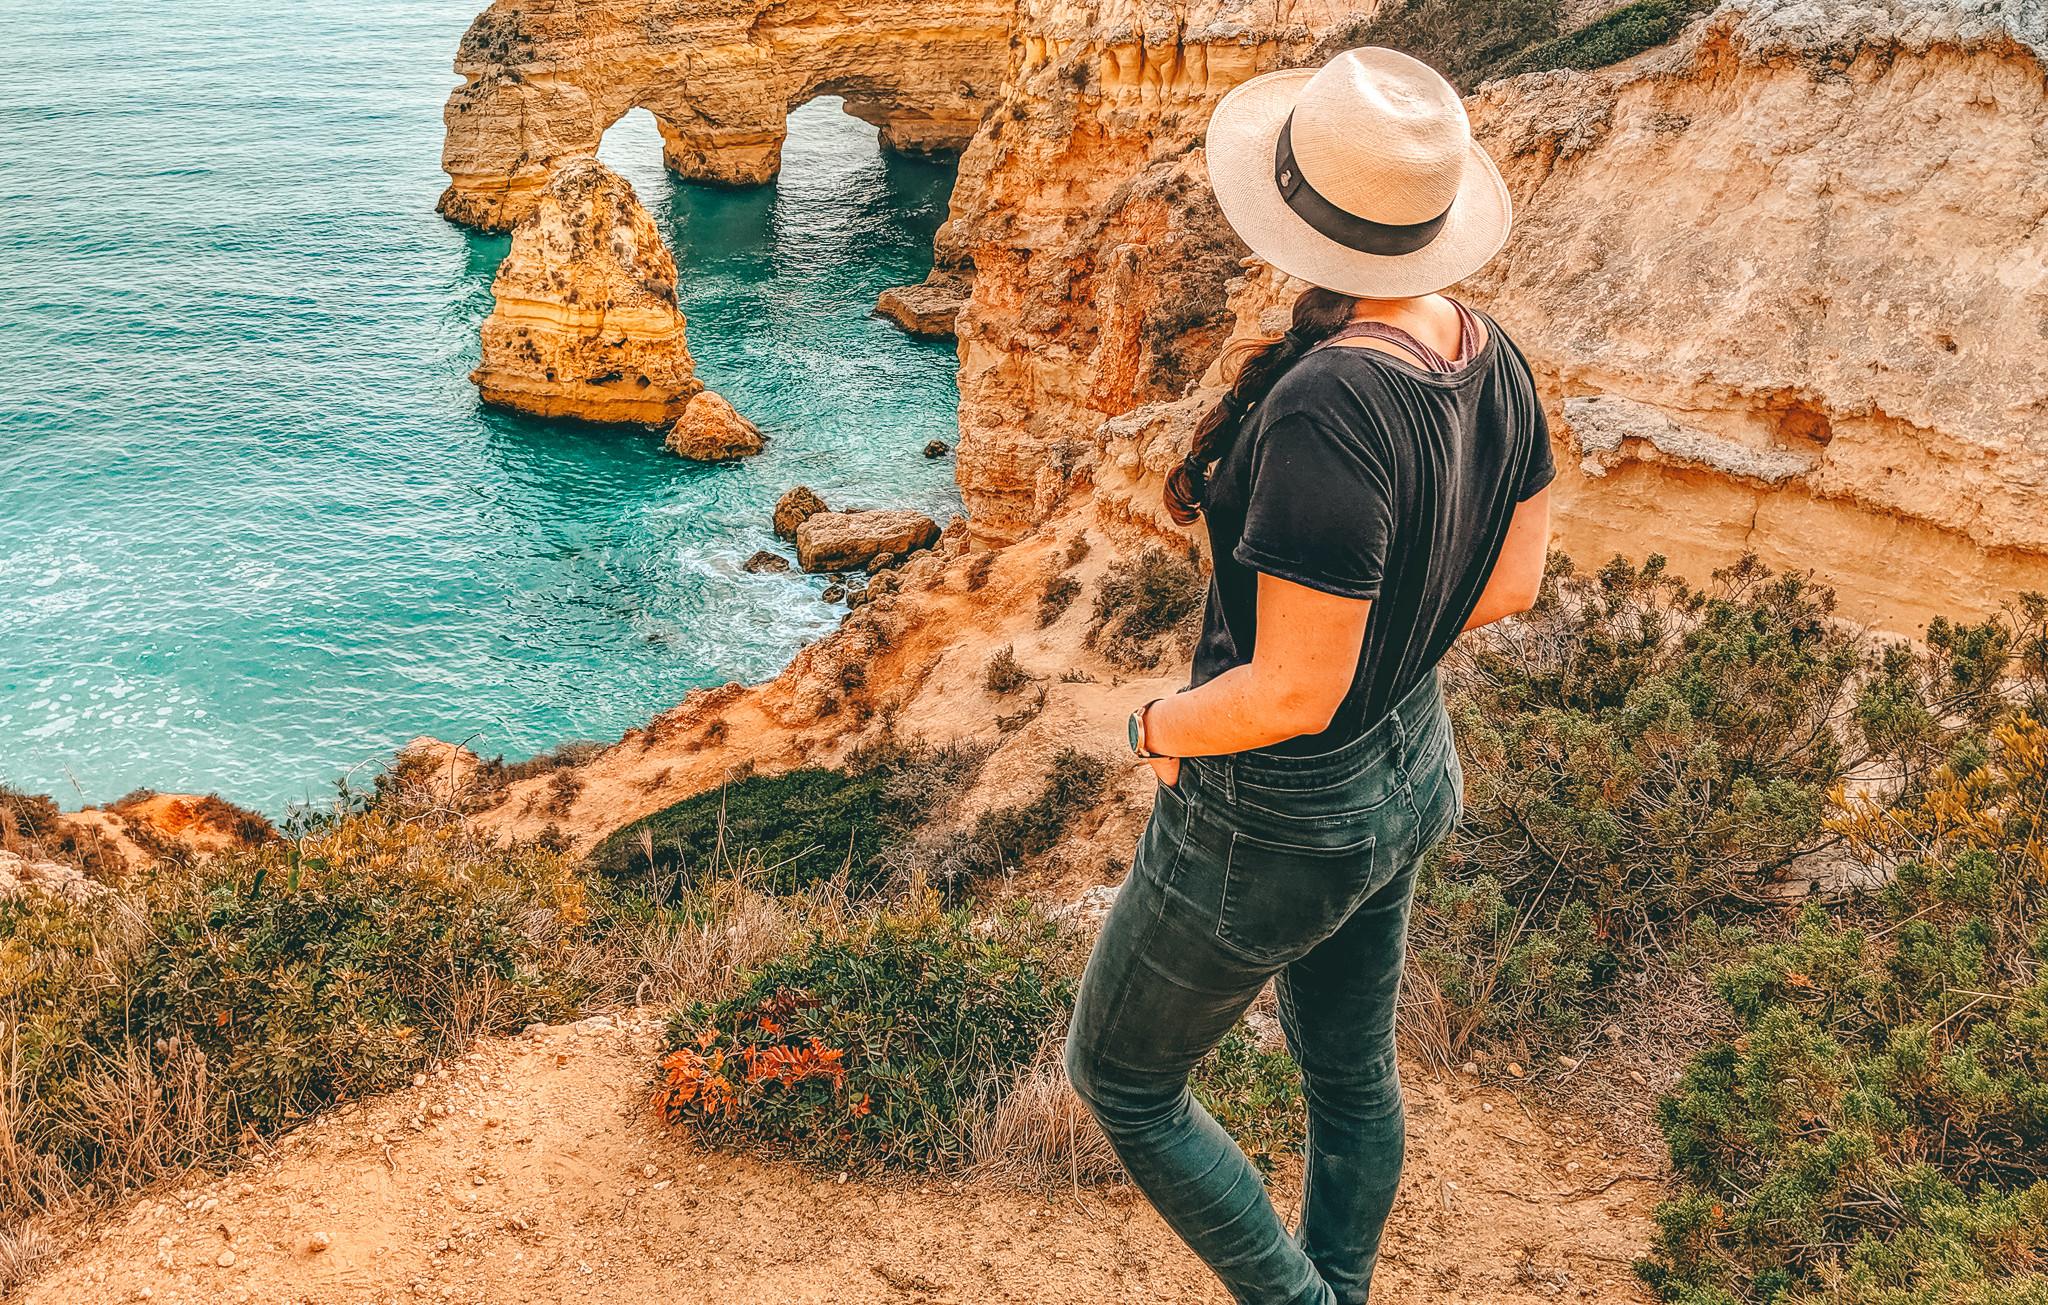 Praia da Marinha Viewpoint with Lindsay